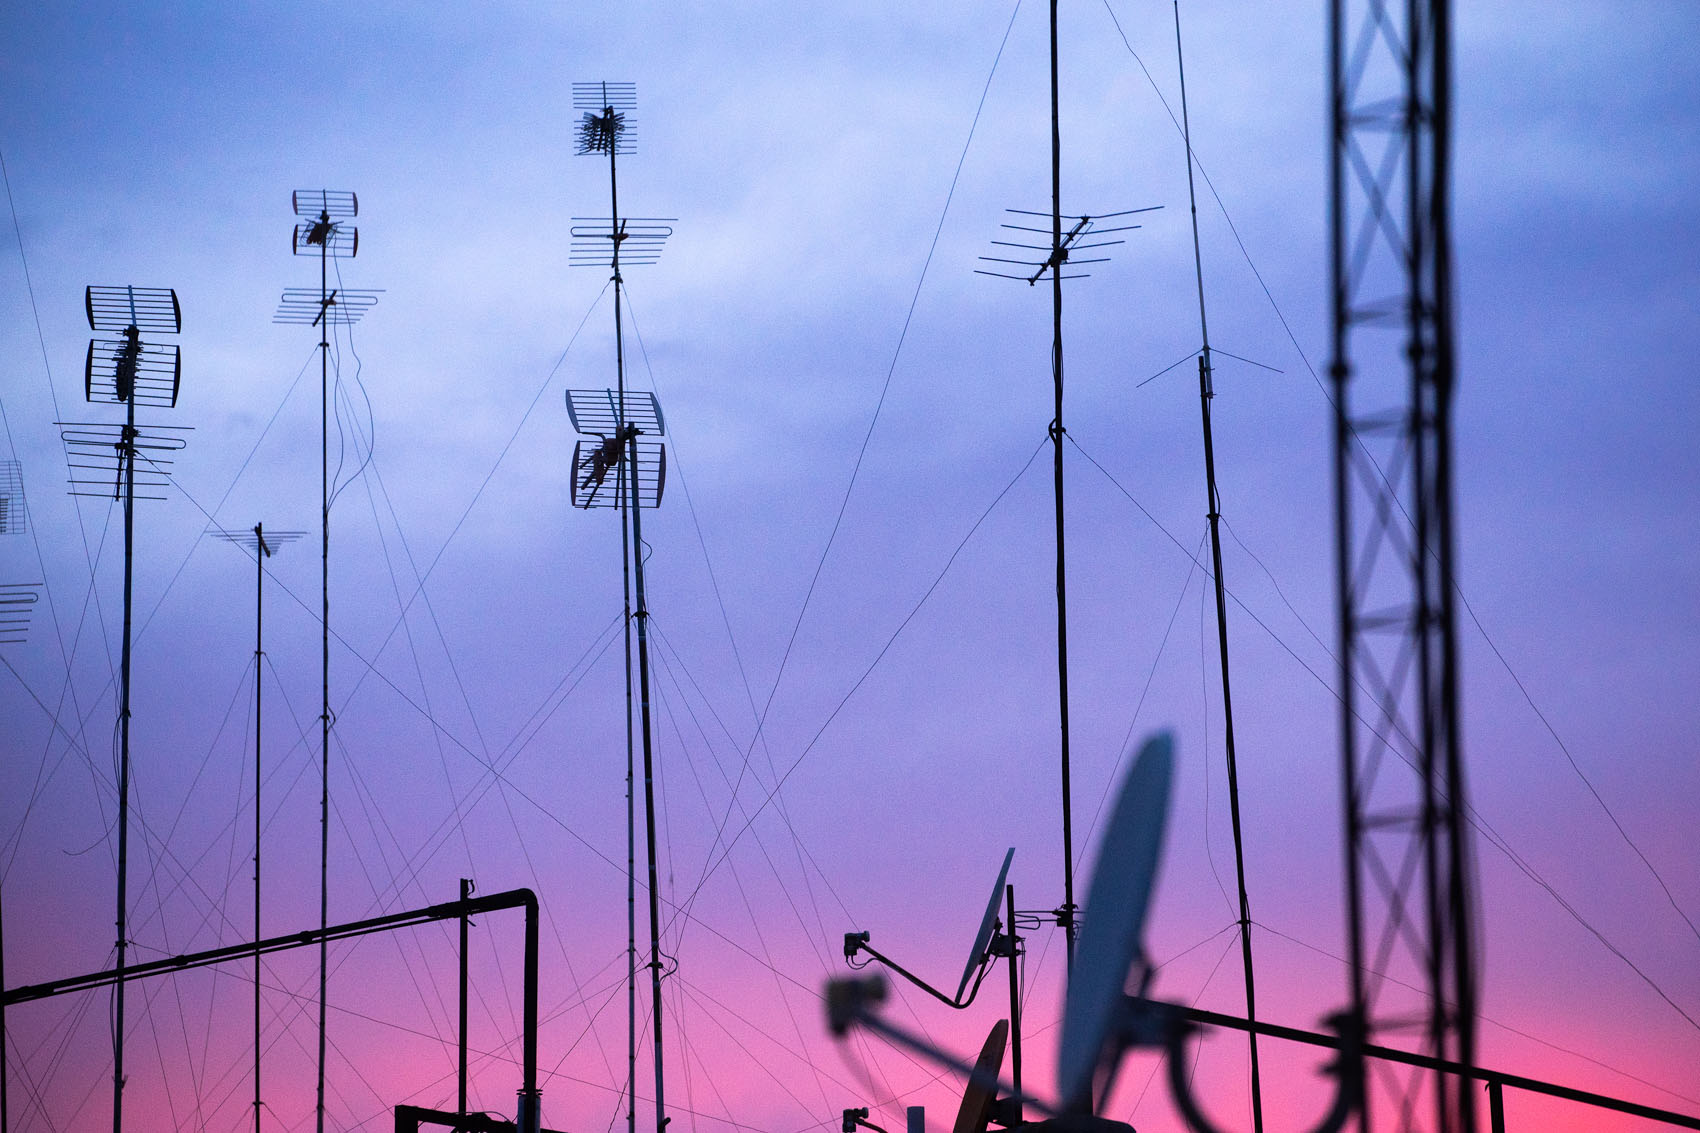 Crazy Antennas Valencia